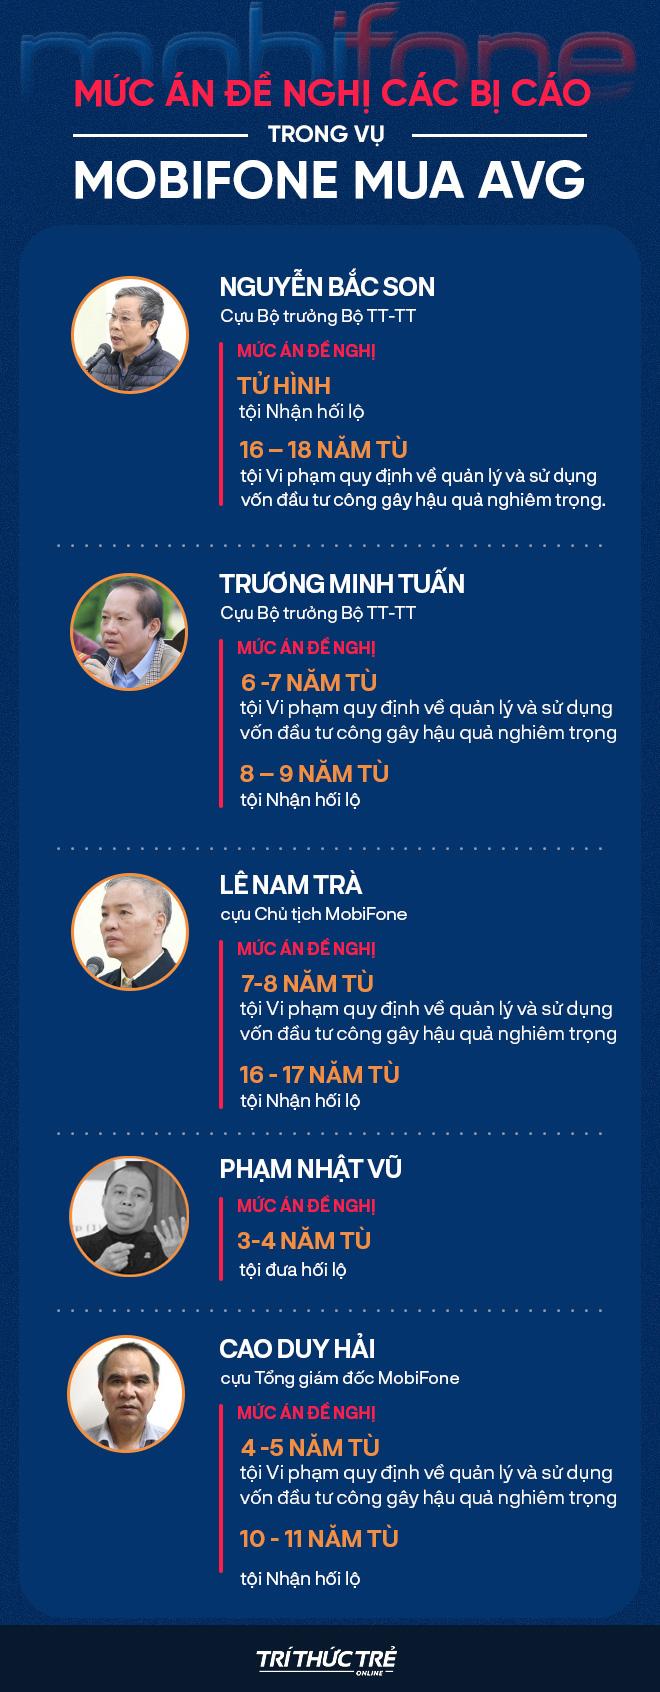 Ngày 4 xét xử vụ MobiFone mua AVG: Cựu Bộ trưởng Nguyễn Bắc Son hứa hẹn  sớm khắc phục hậu quả - Ảnh 10.